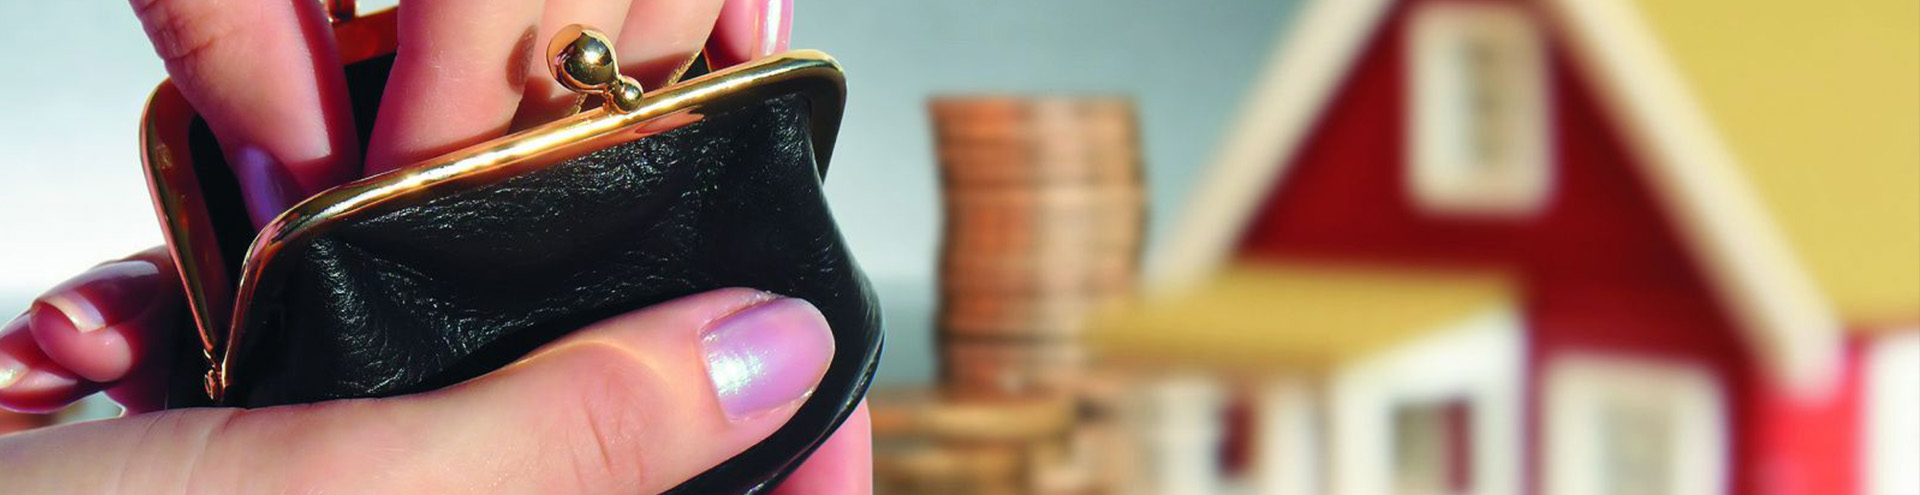 реструктуризация долга при банкротстве физического лица в Ижевске